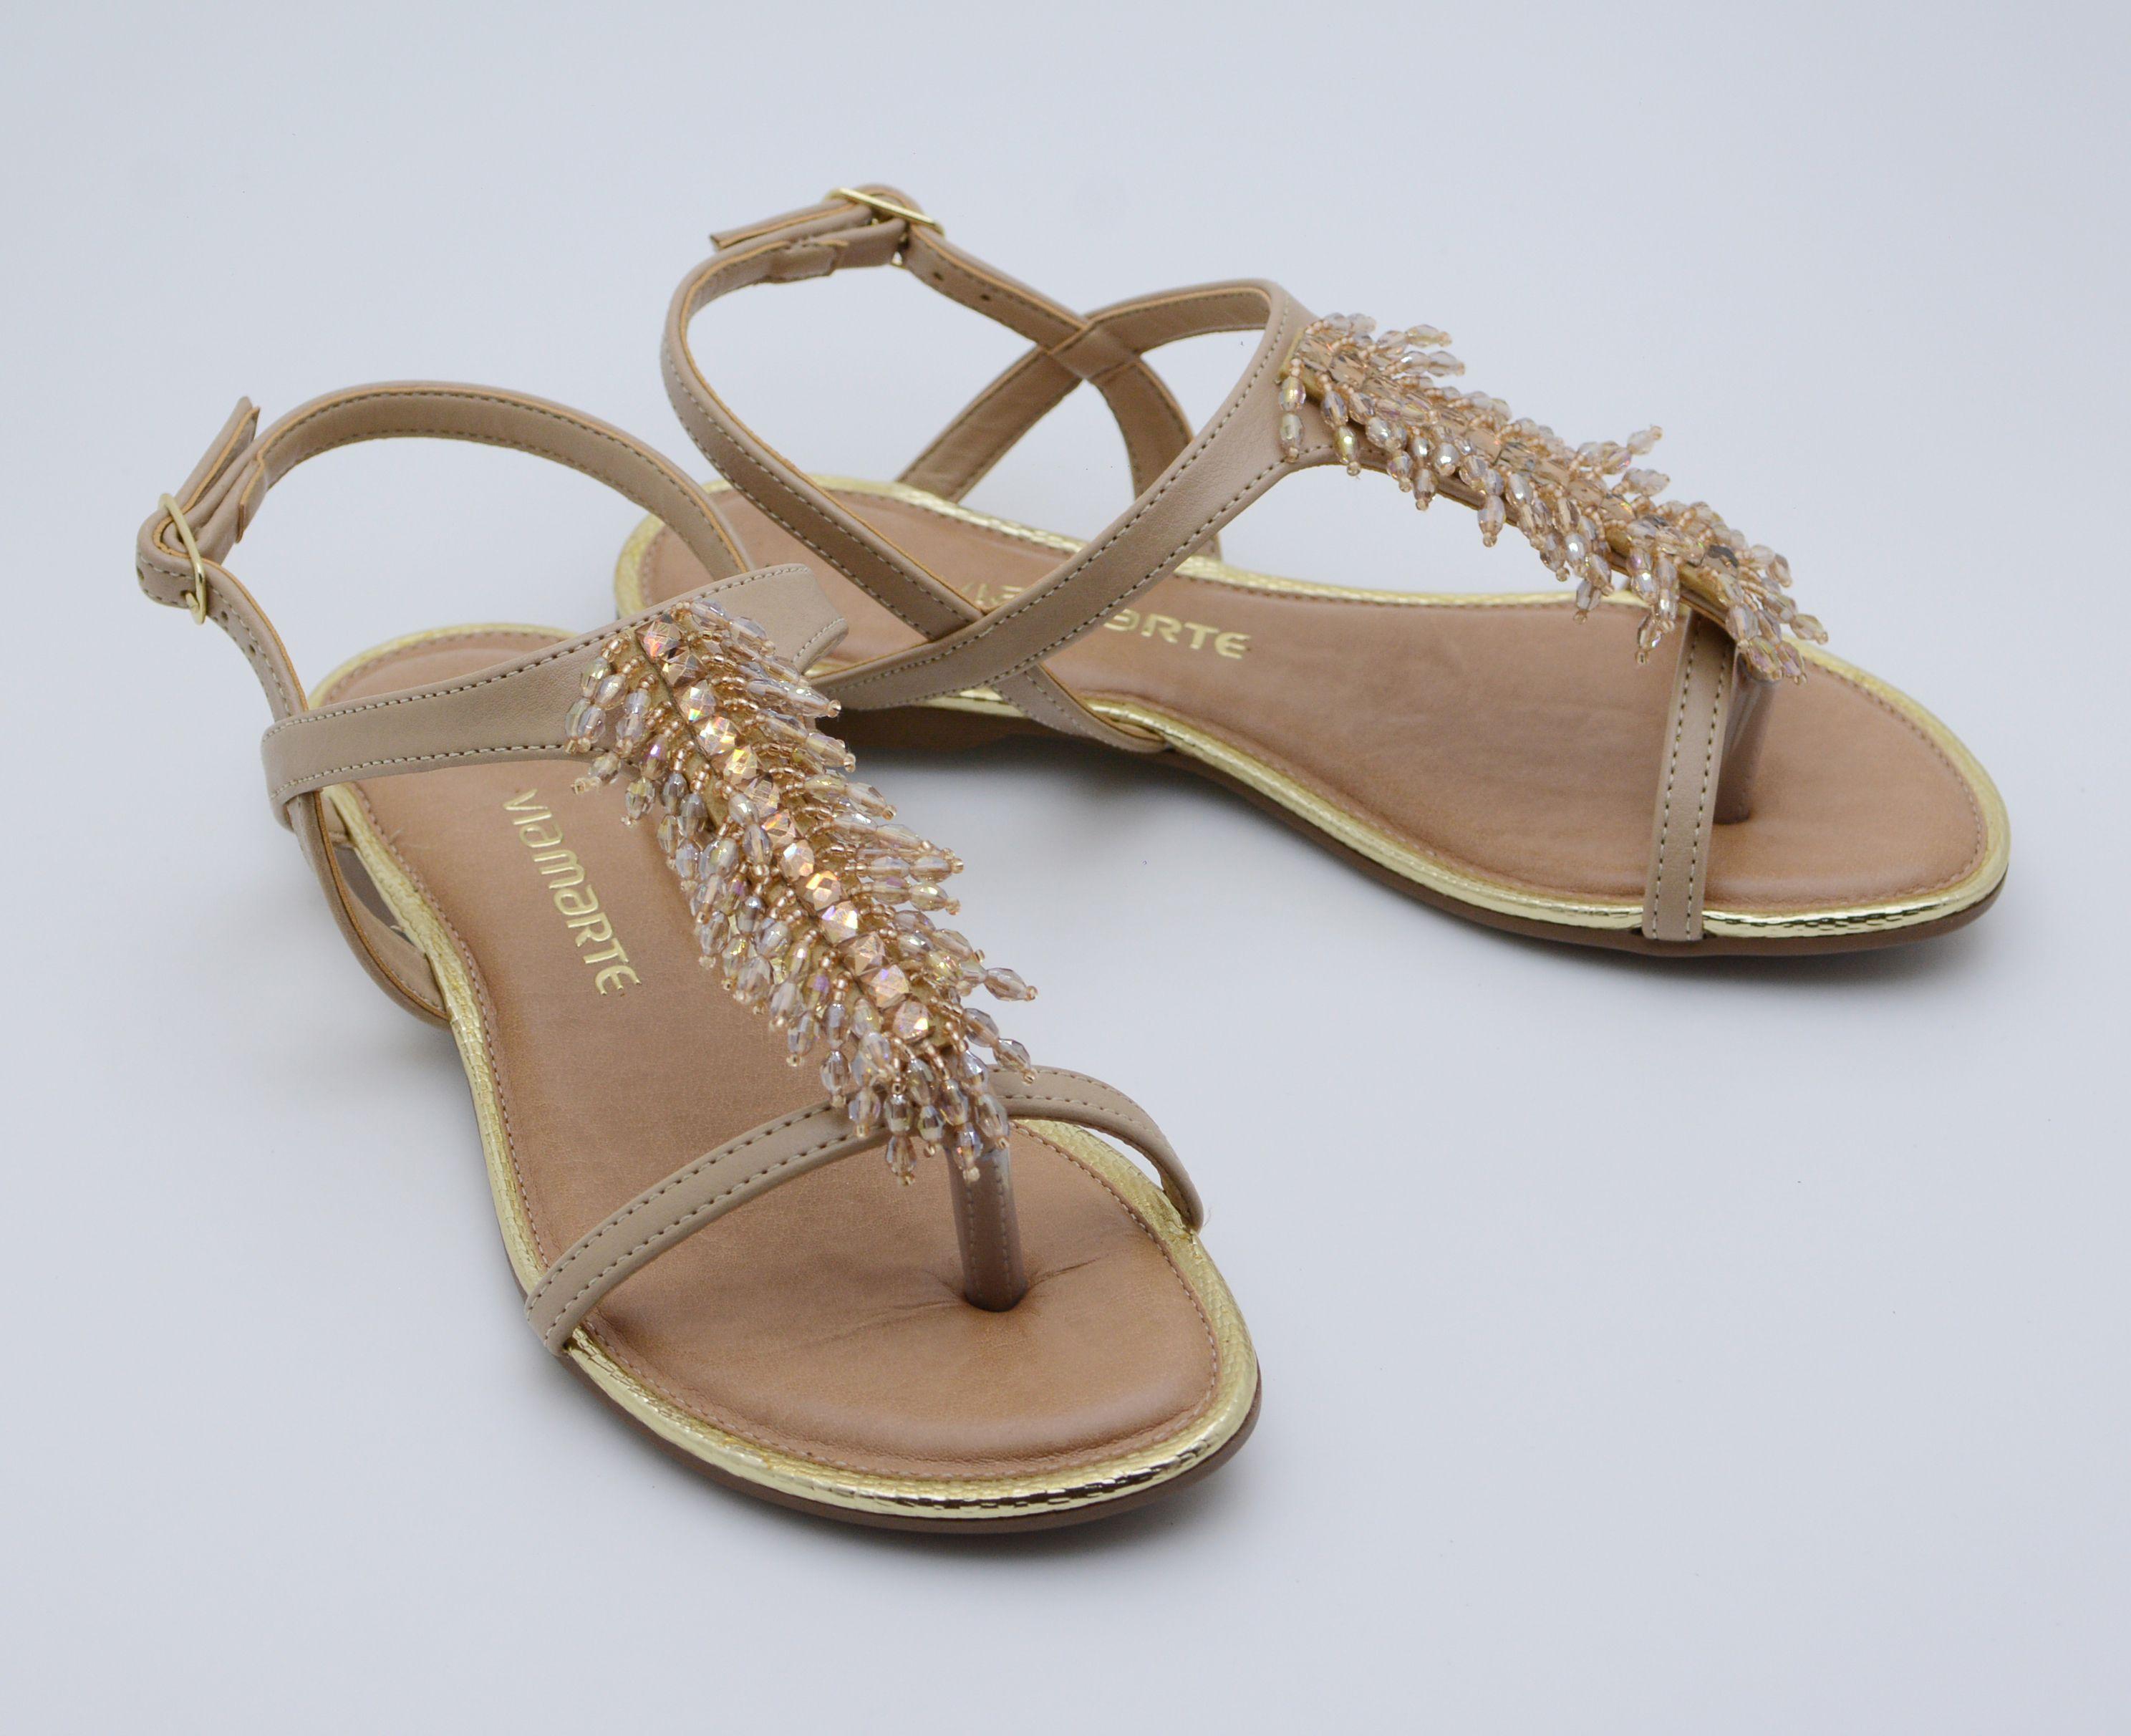 sandálias - rasteiras - chinelos - rasteirinhas - brilho - Verão 2016 - Ref. 15-10704